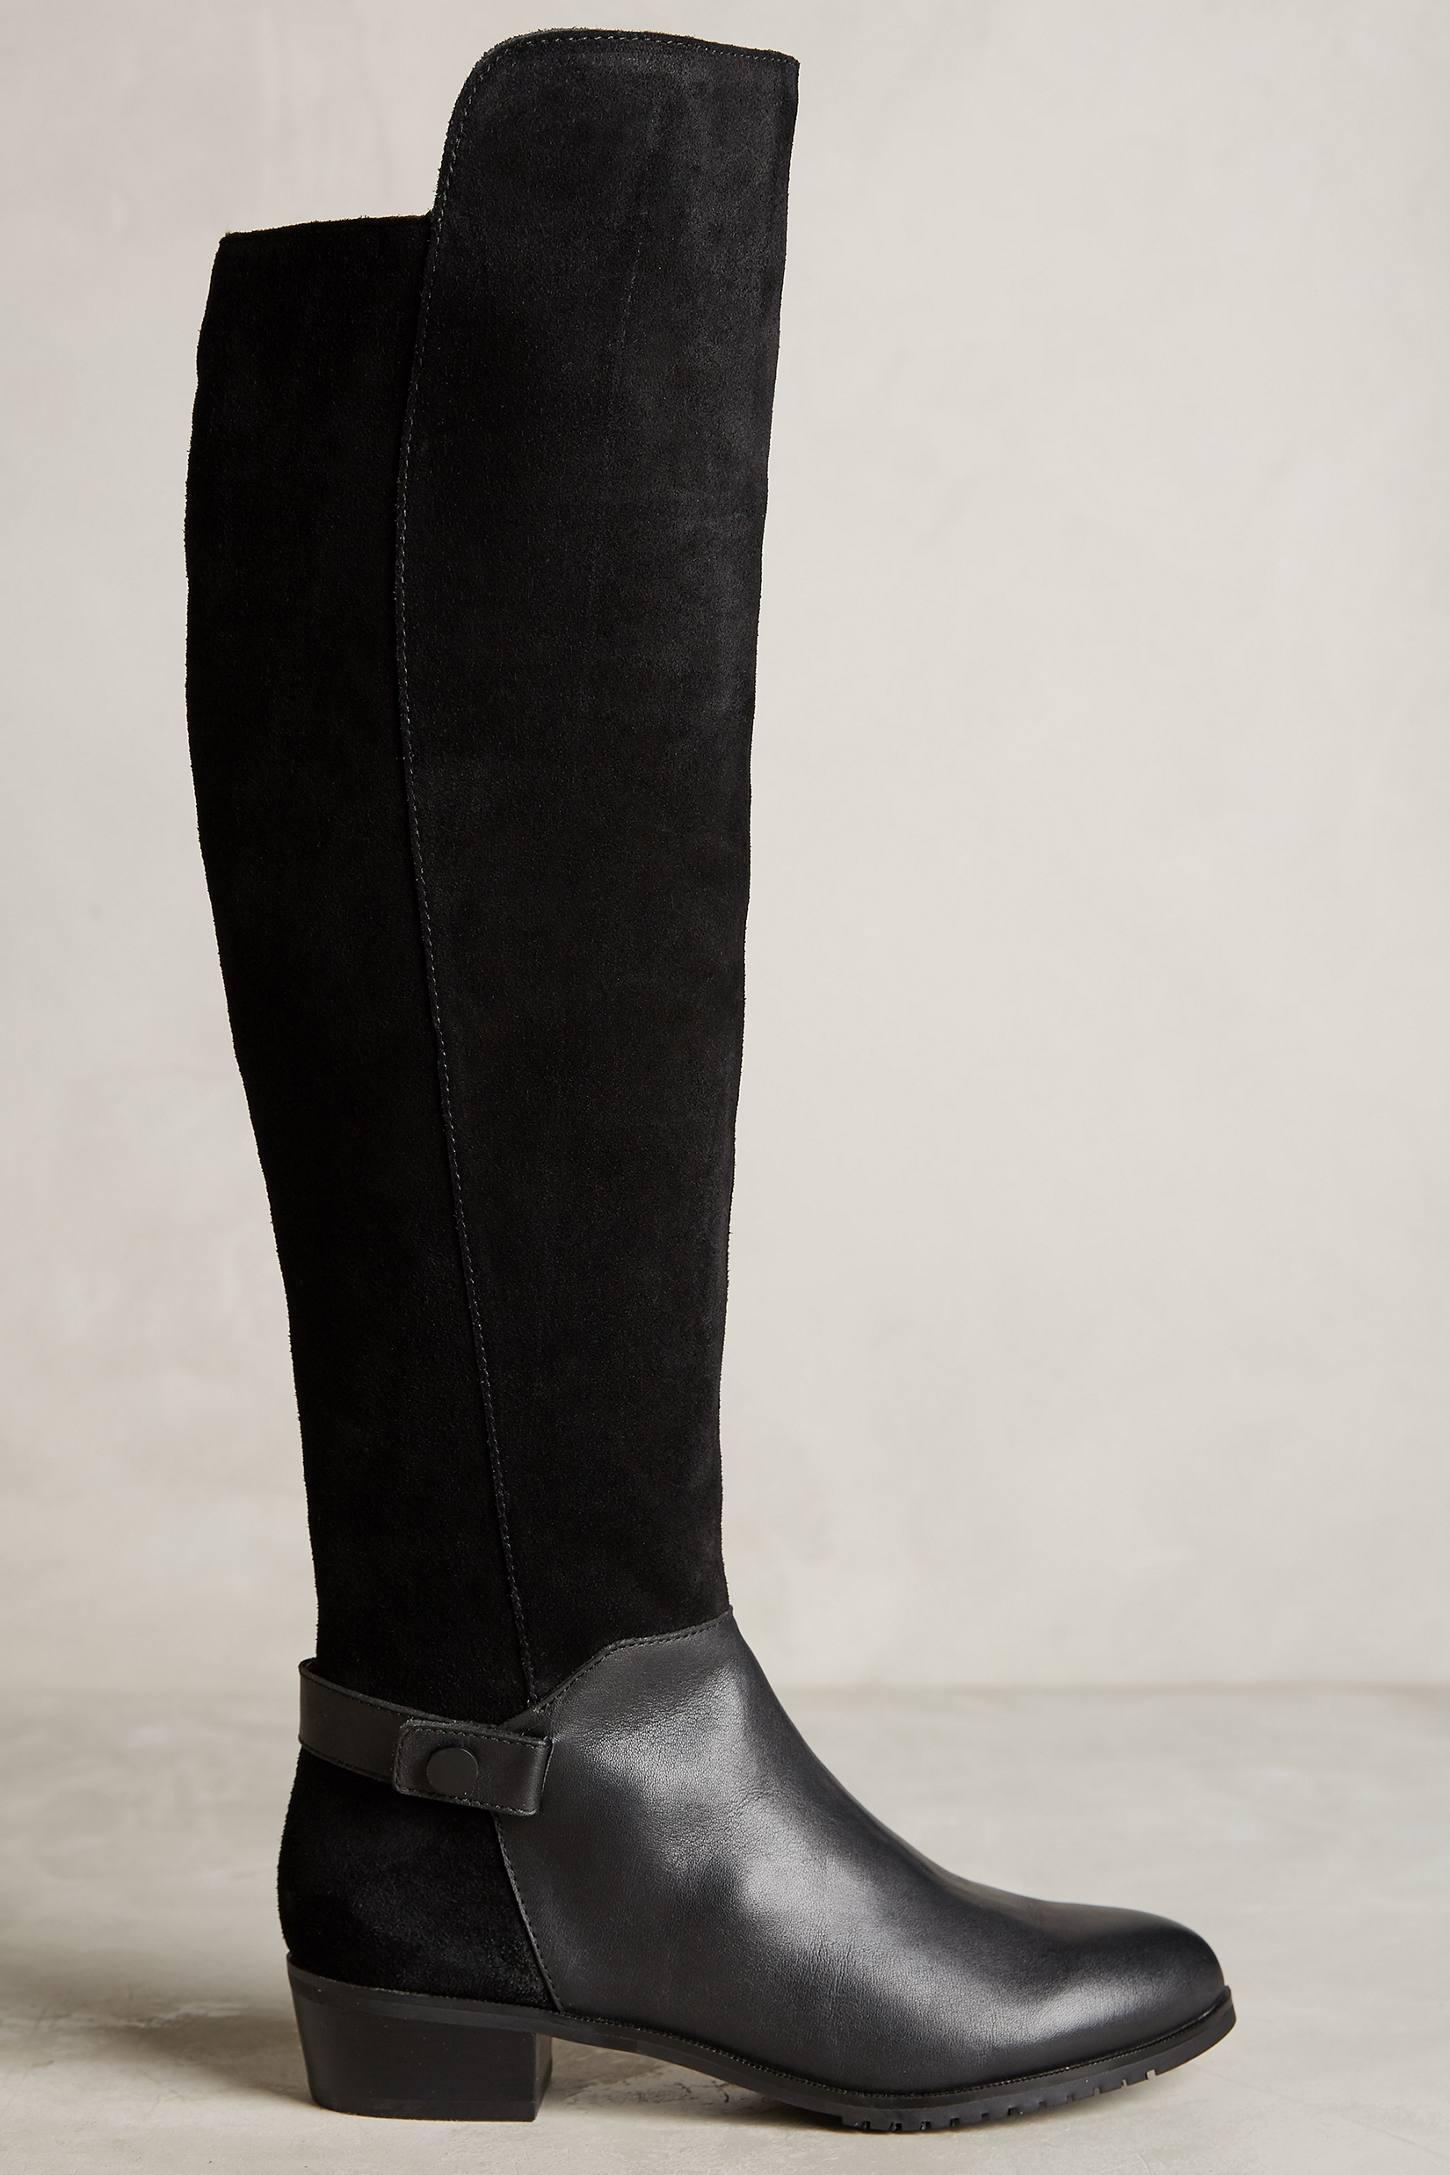 Kelsi Dagger Vlad Boots